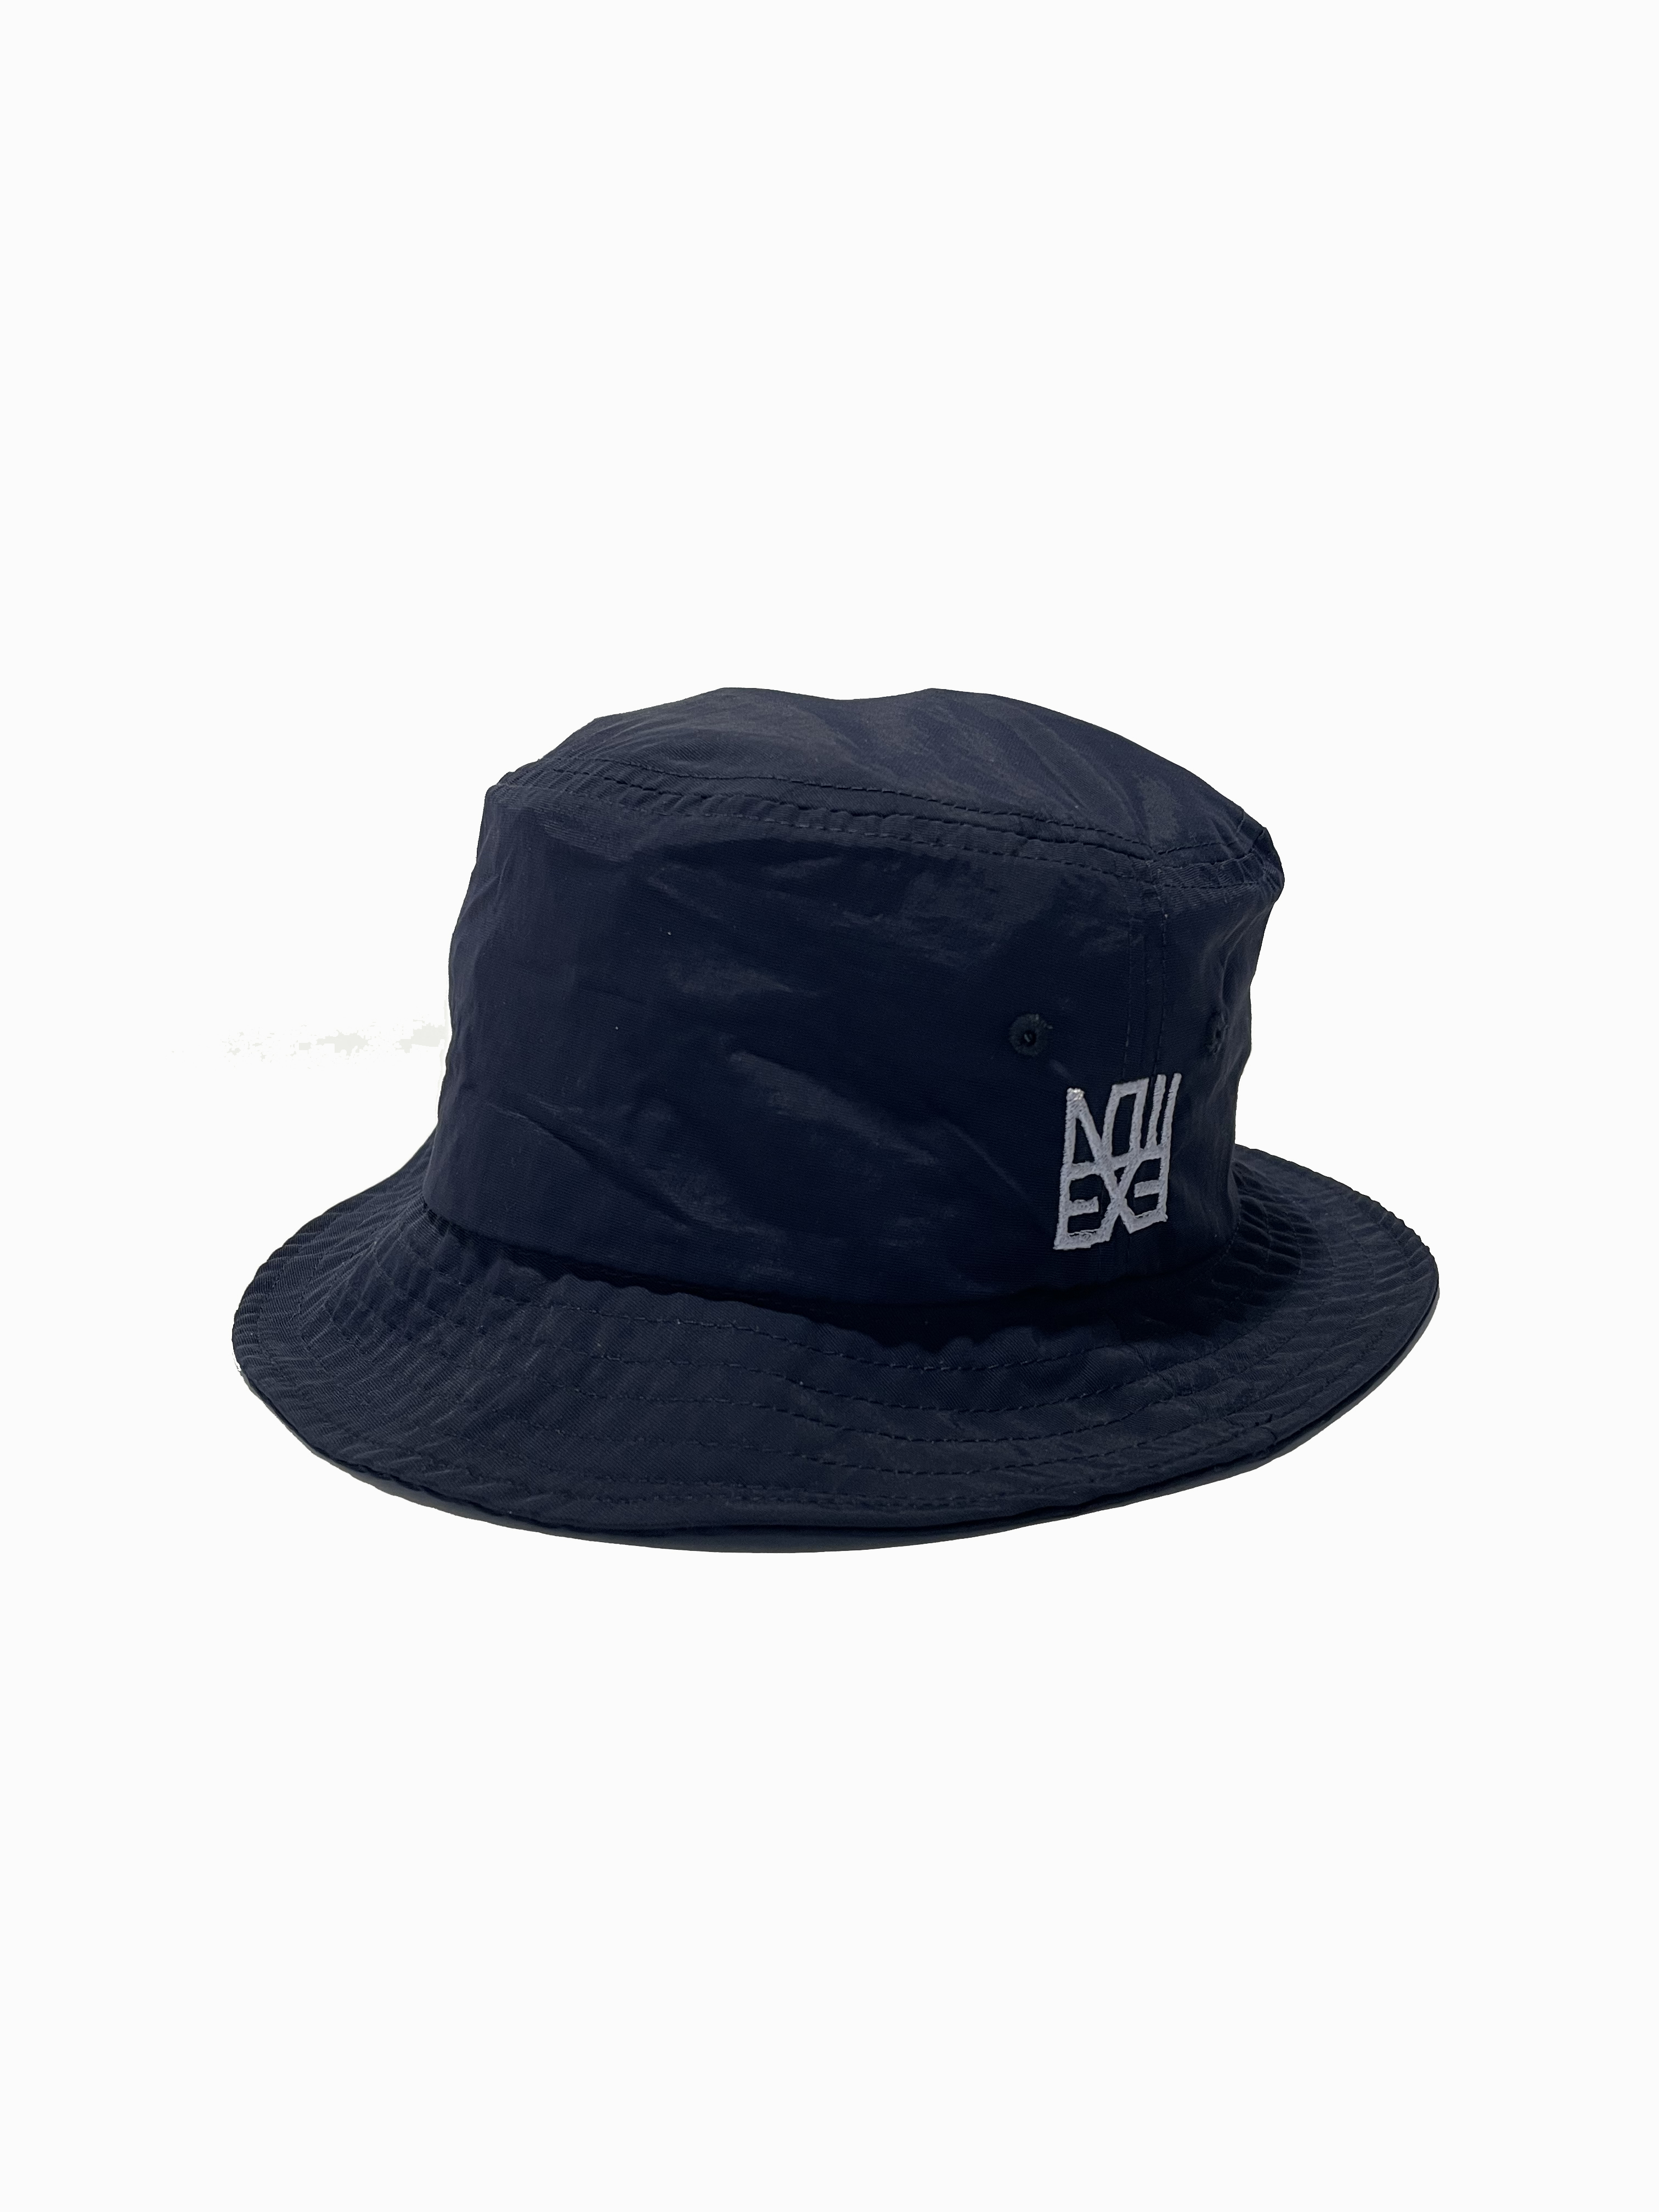 ハット ナイロンバケットハット 【ネイビー】 帽子